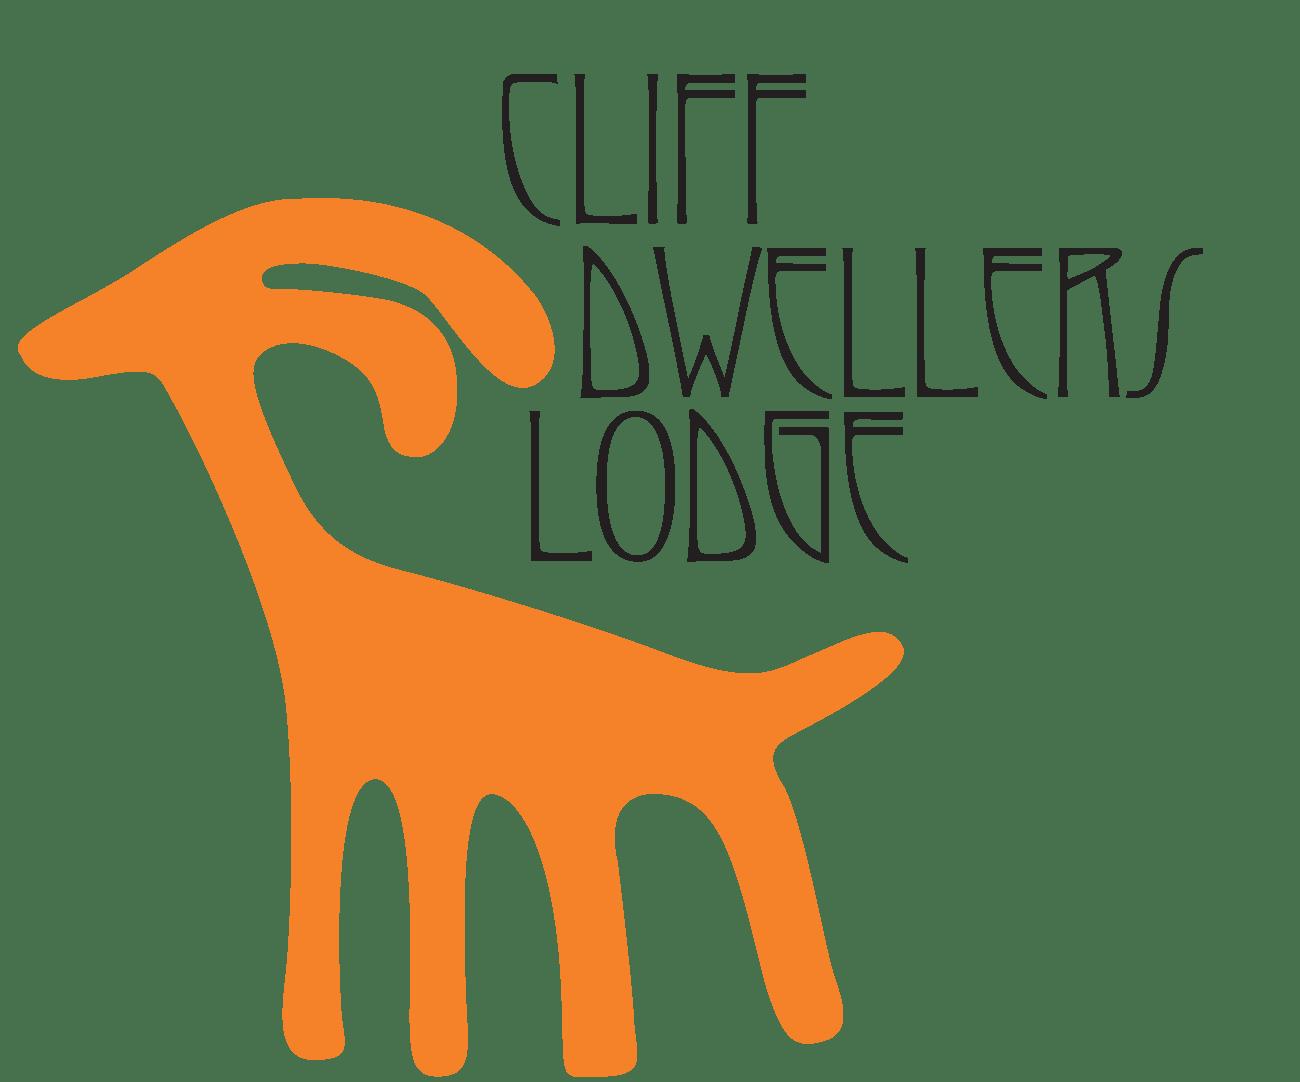 Cliff Dwellers Utah